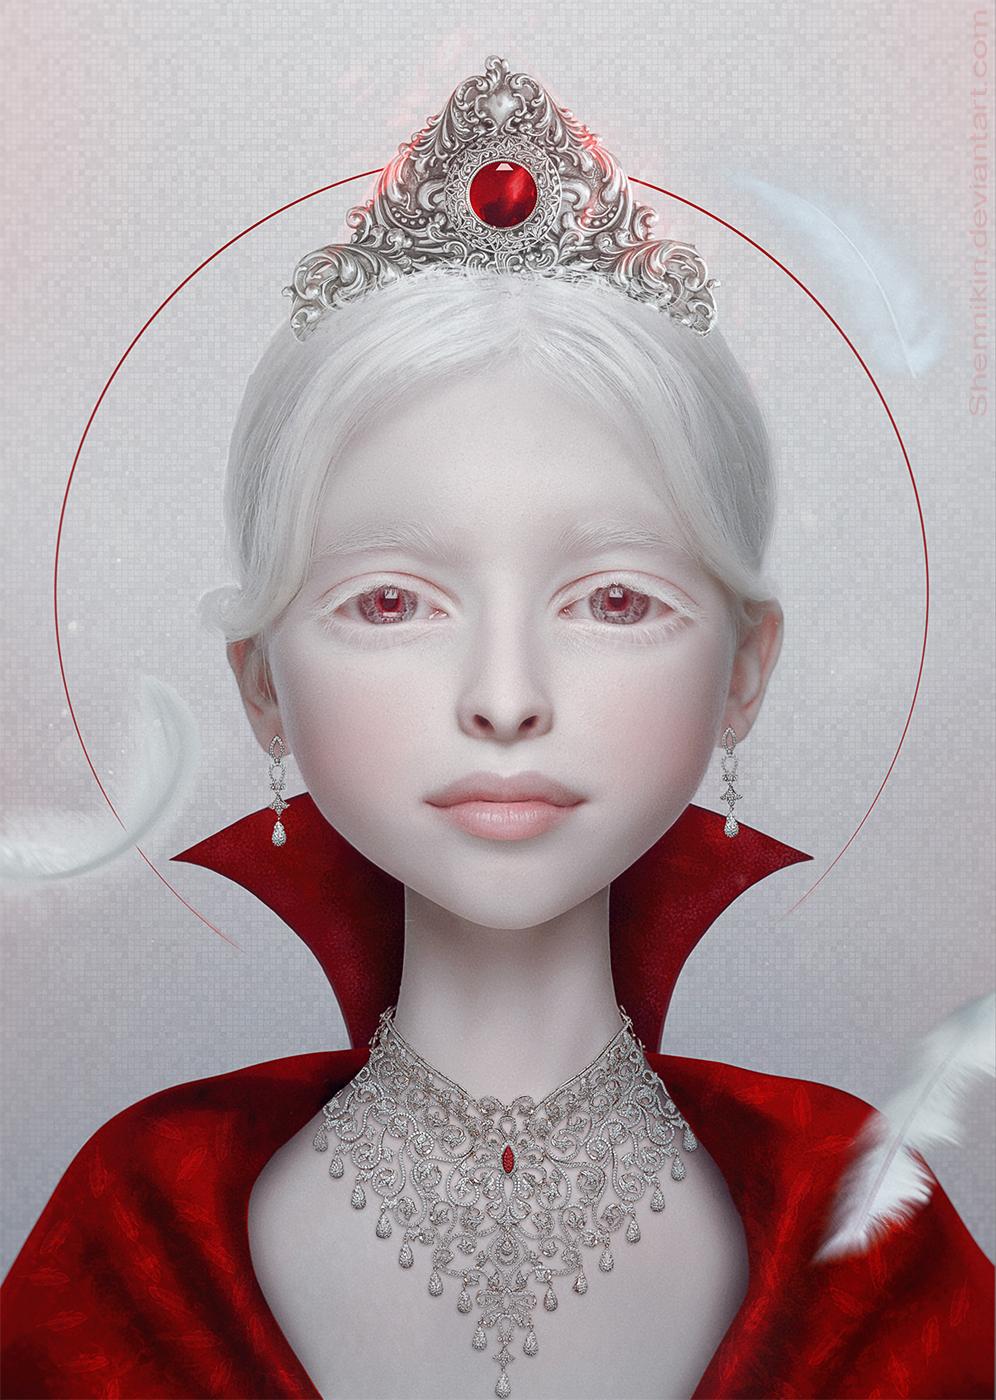 The Queen of Scarletlands